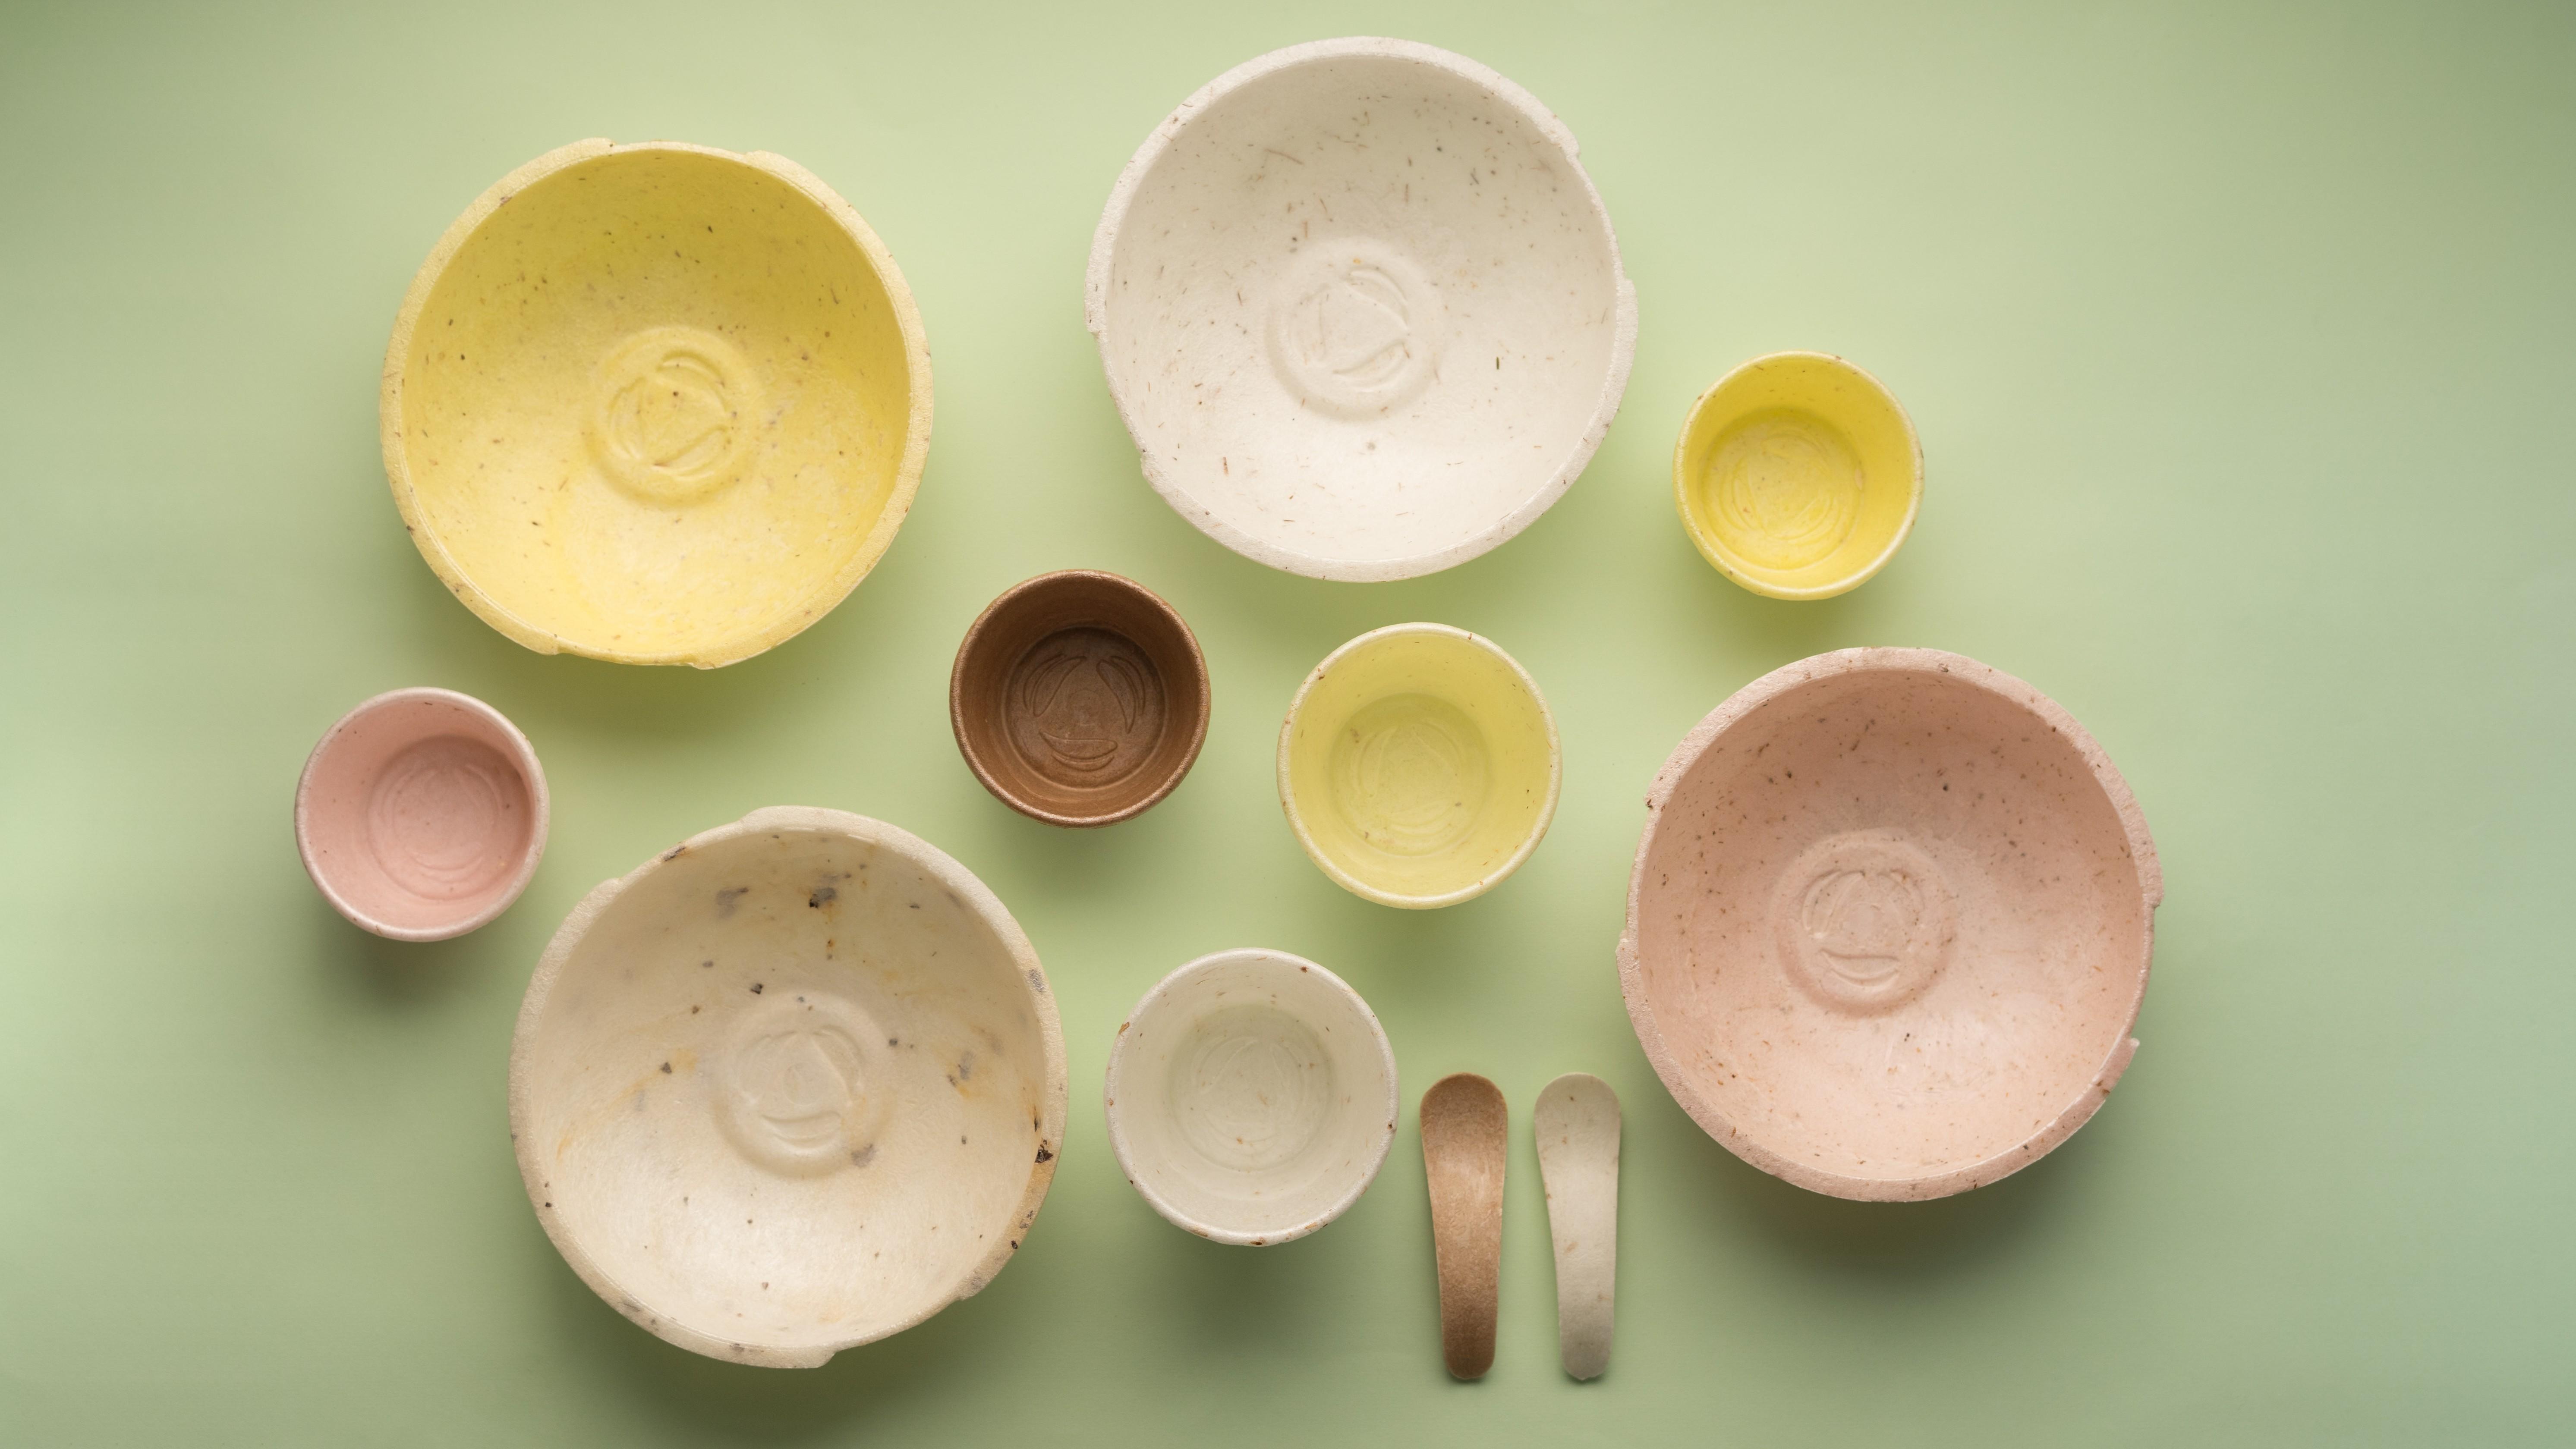 De onde vem o que eu uso: milho e mandioca viram plástico sustentável e até comestível